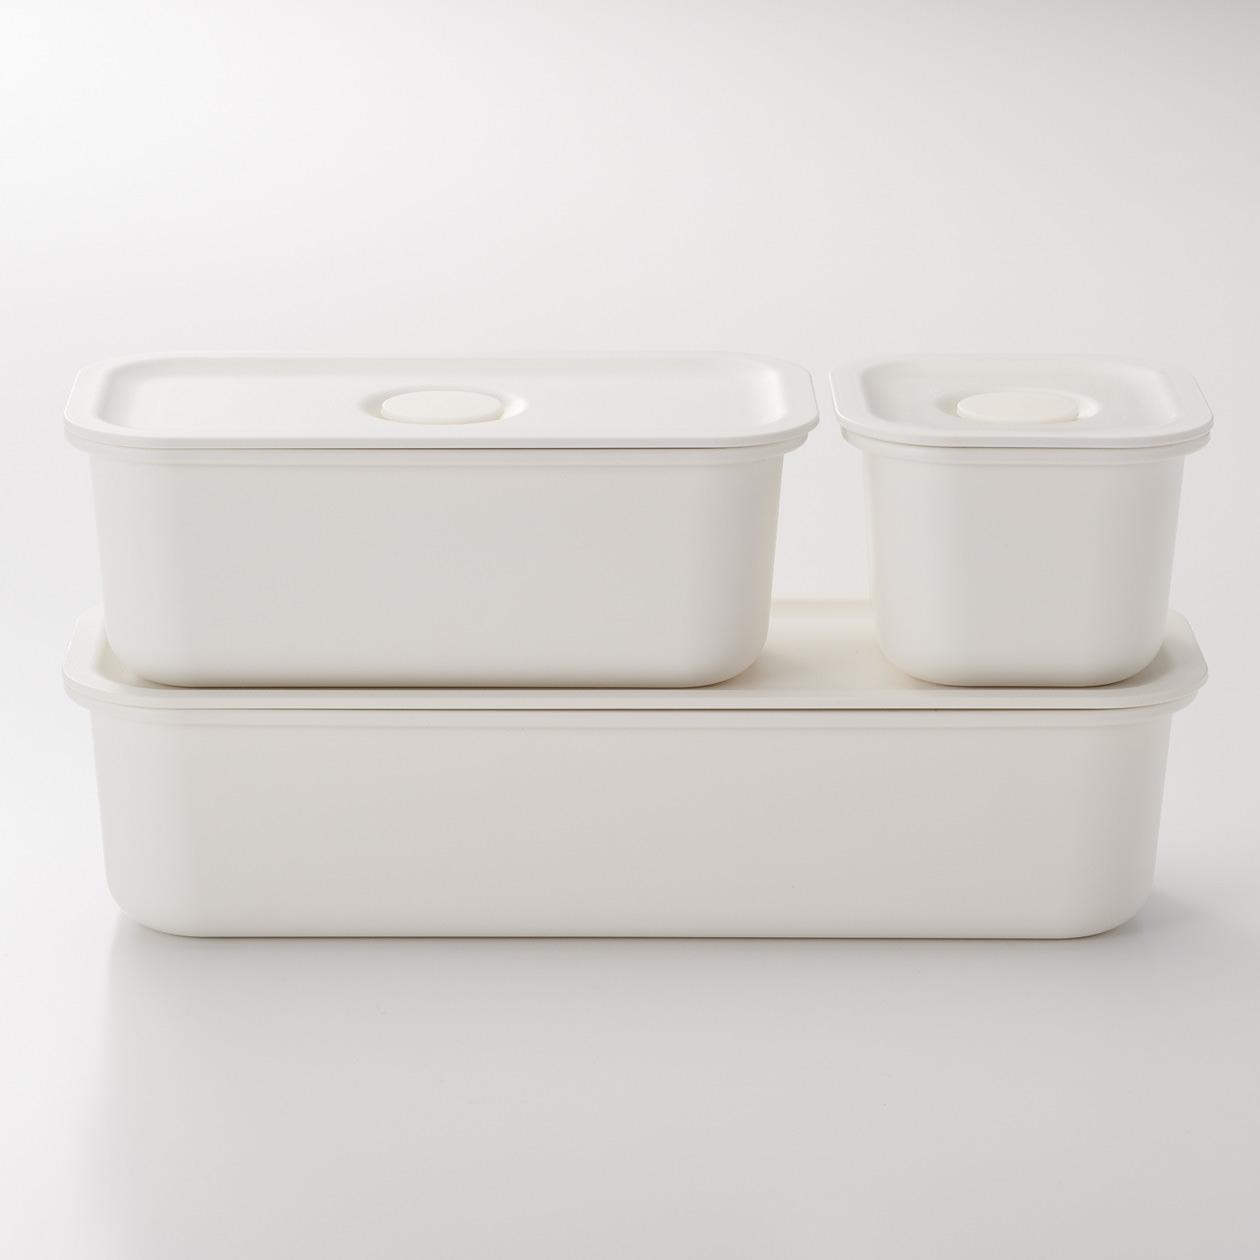 簡潔純白的設計,最適合喜歡簡單品味的你,可以直接當成便當盒使用,光看就有好心情。